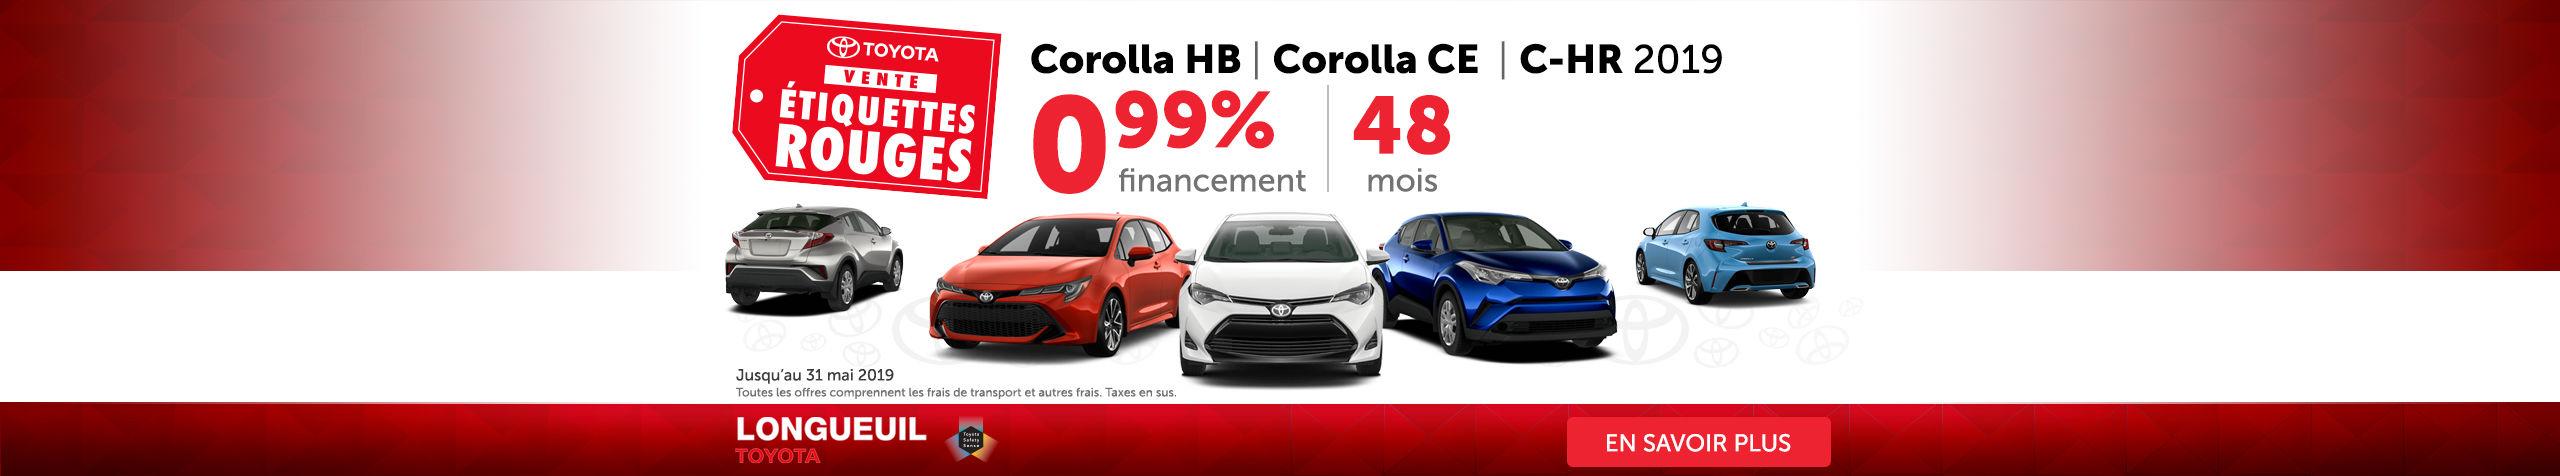 Corolla HB - Corlla CE - CH-R 2019